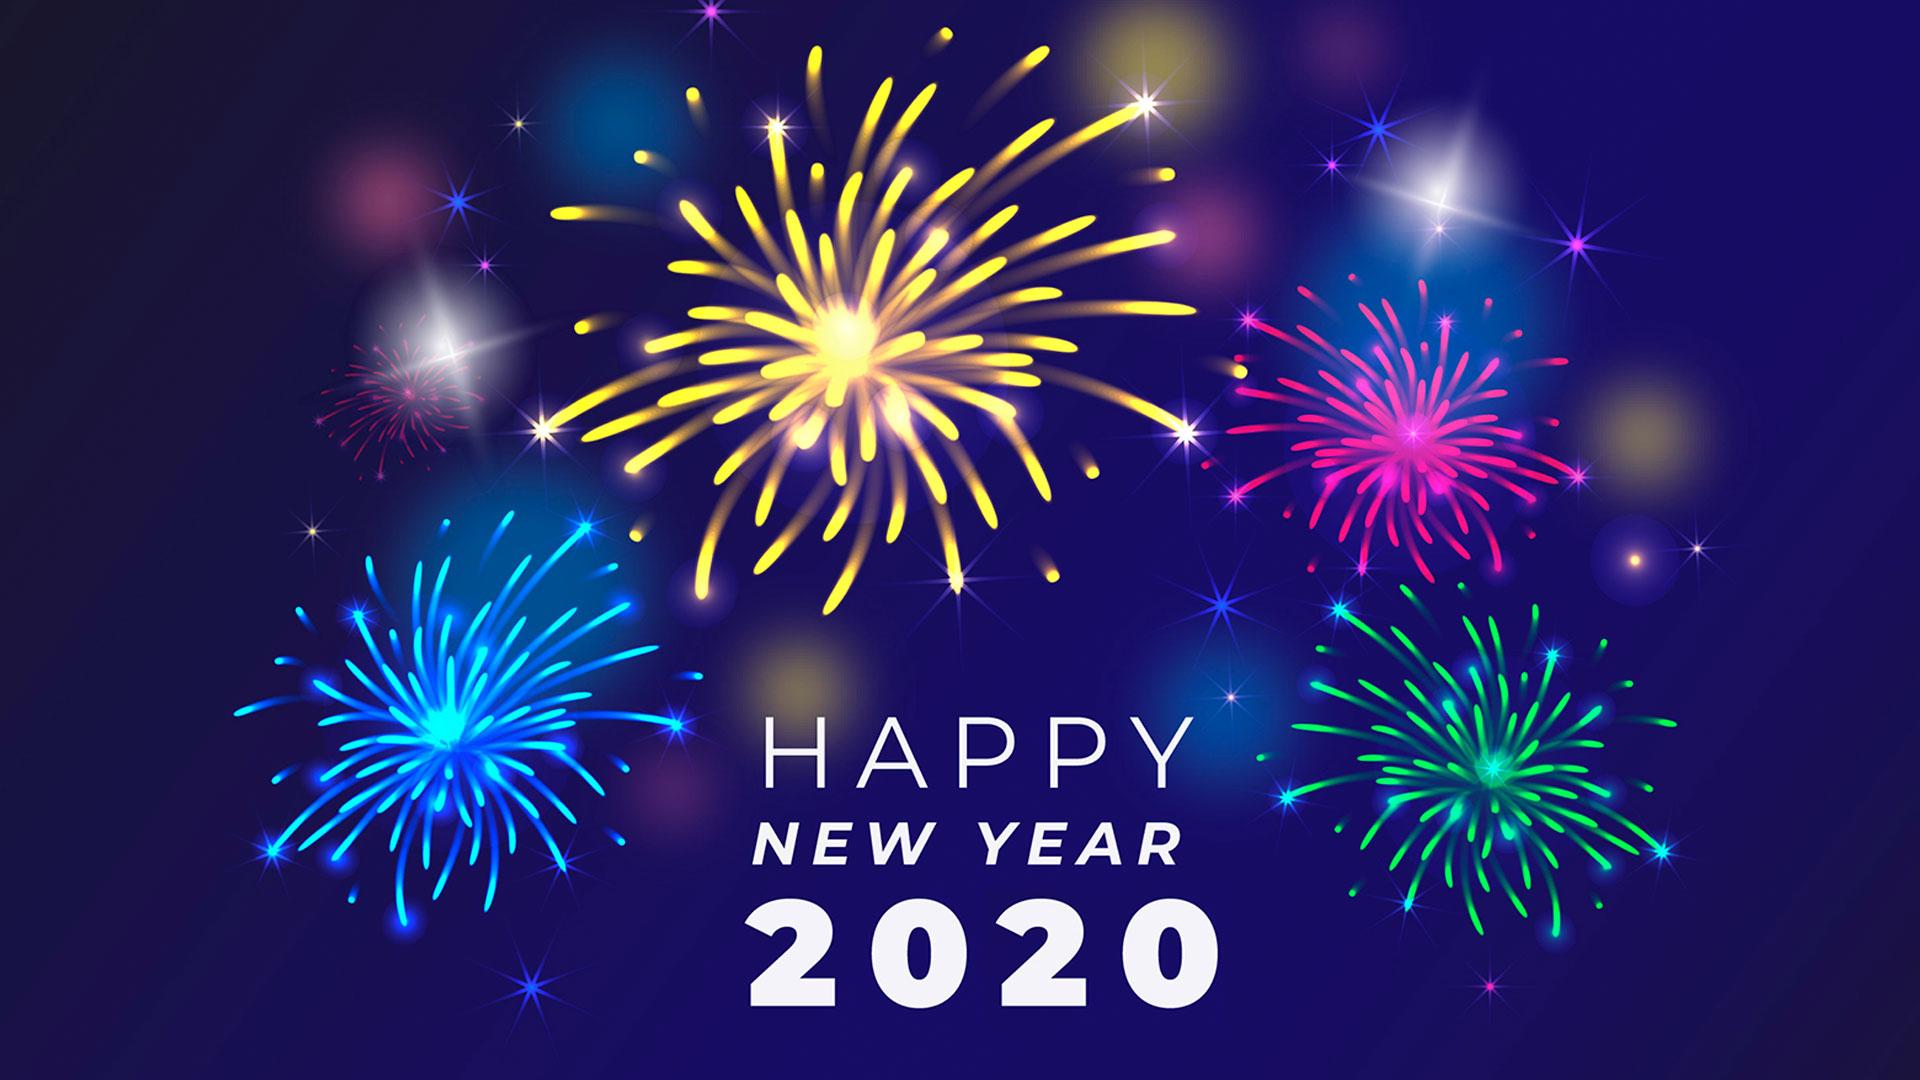 Hình nền đẹp chúc mừng năm mới 2020